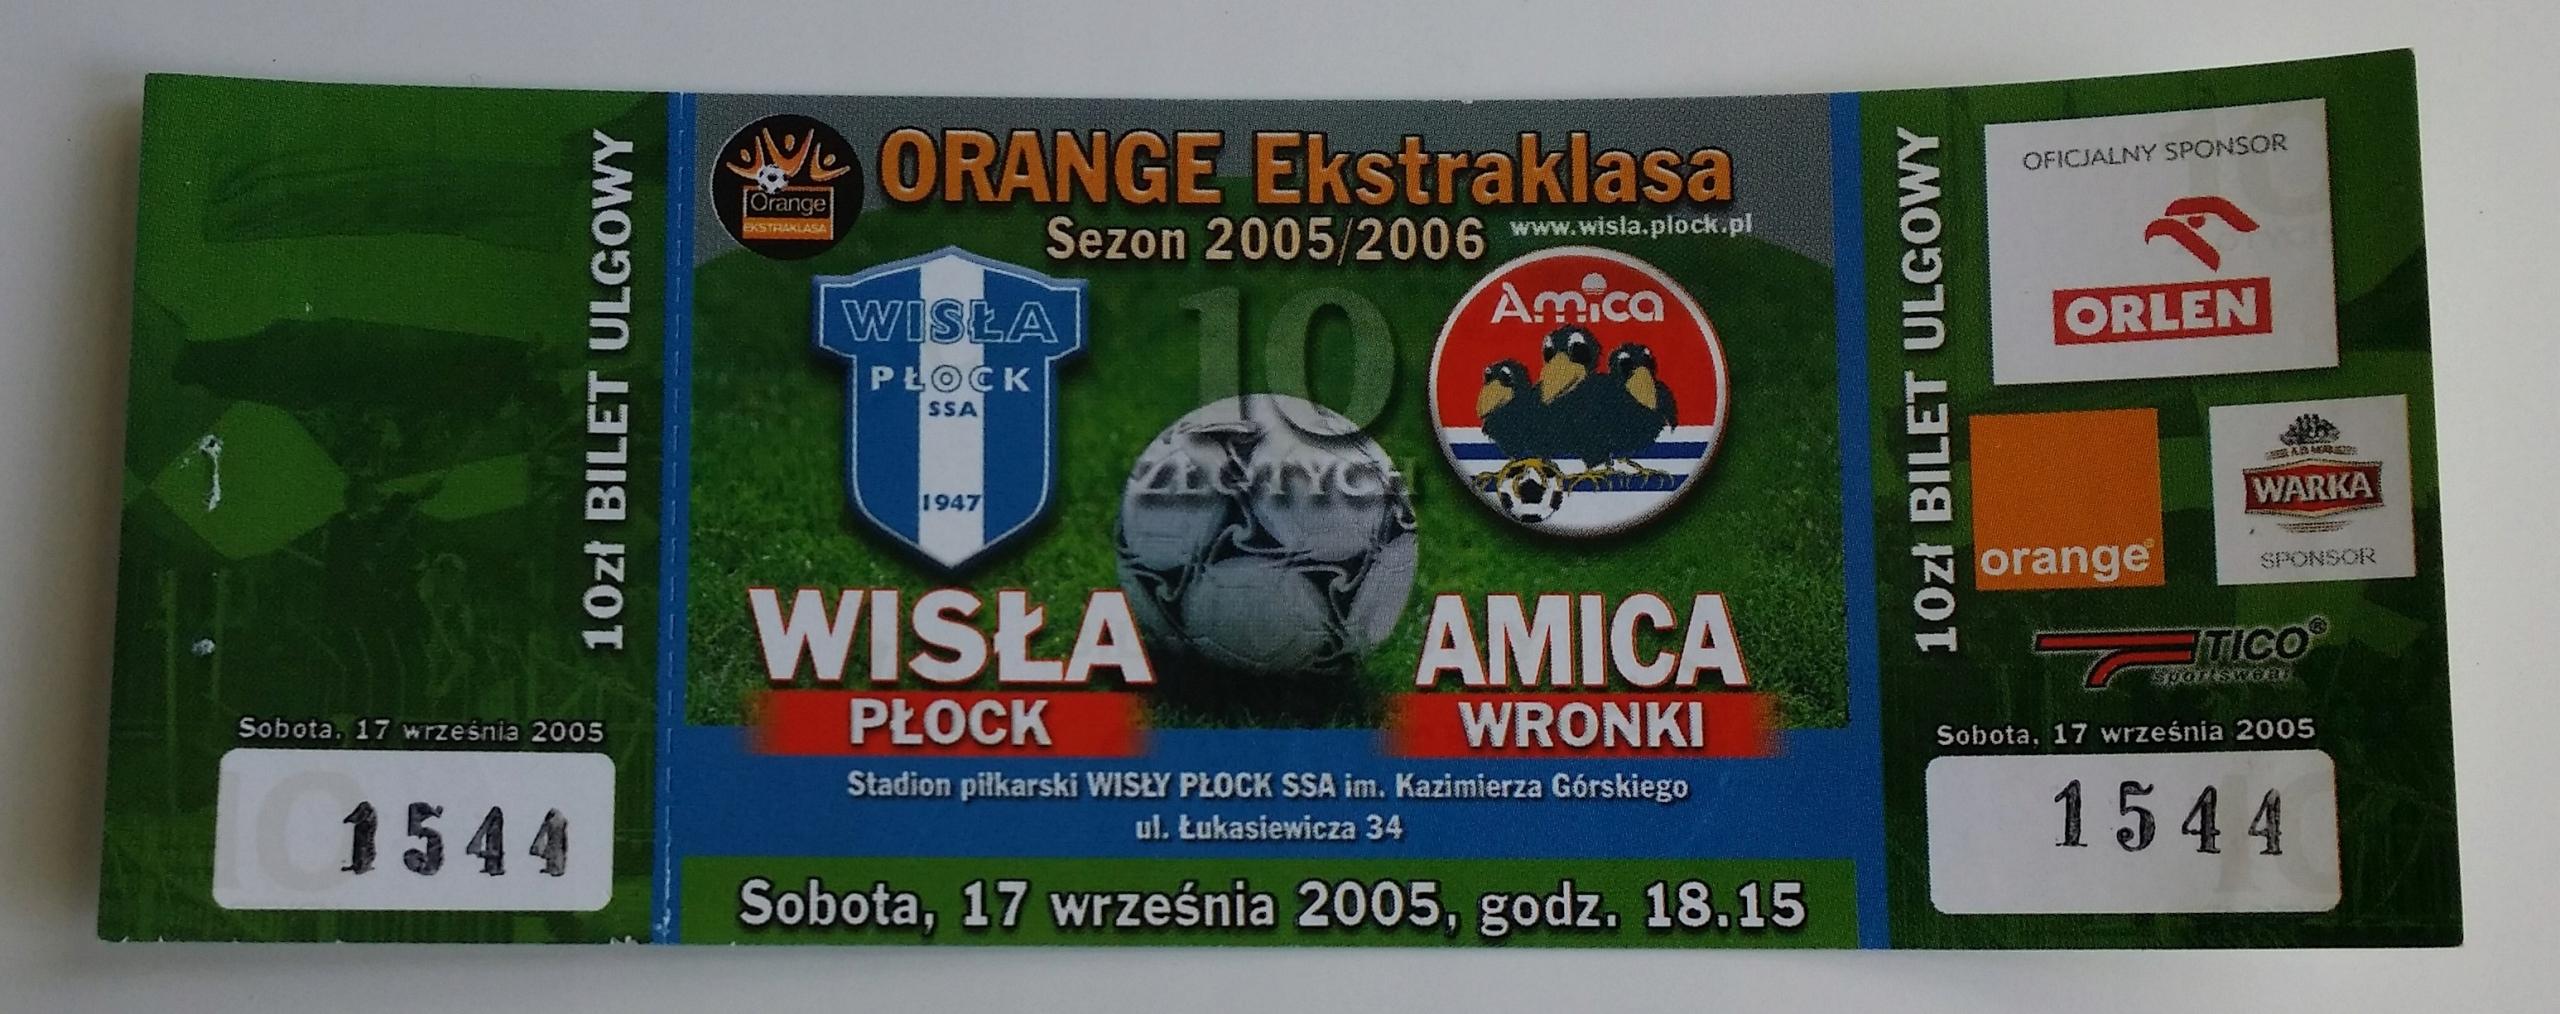 Bilet Wisła Płock - Amica Wronki 17.09.2005